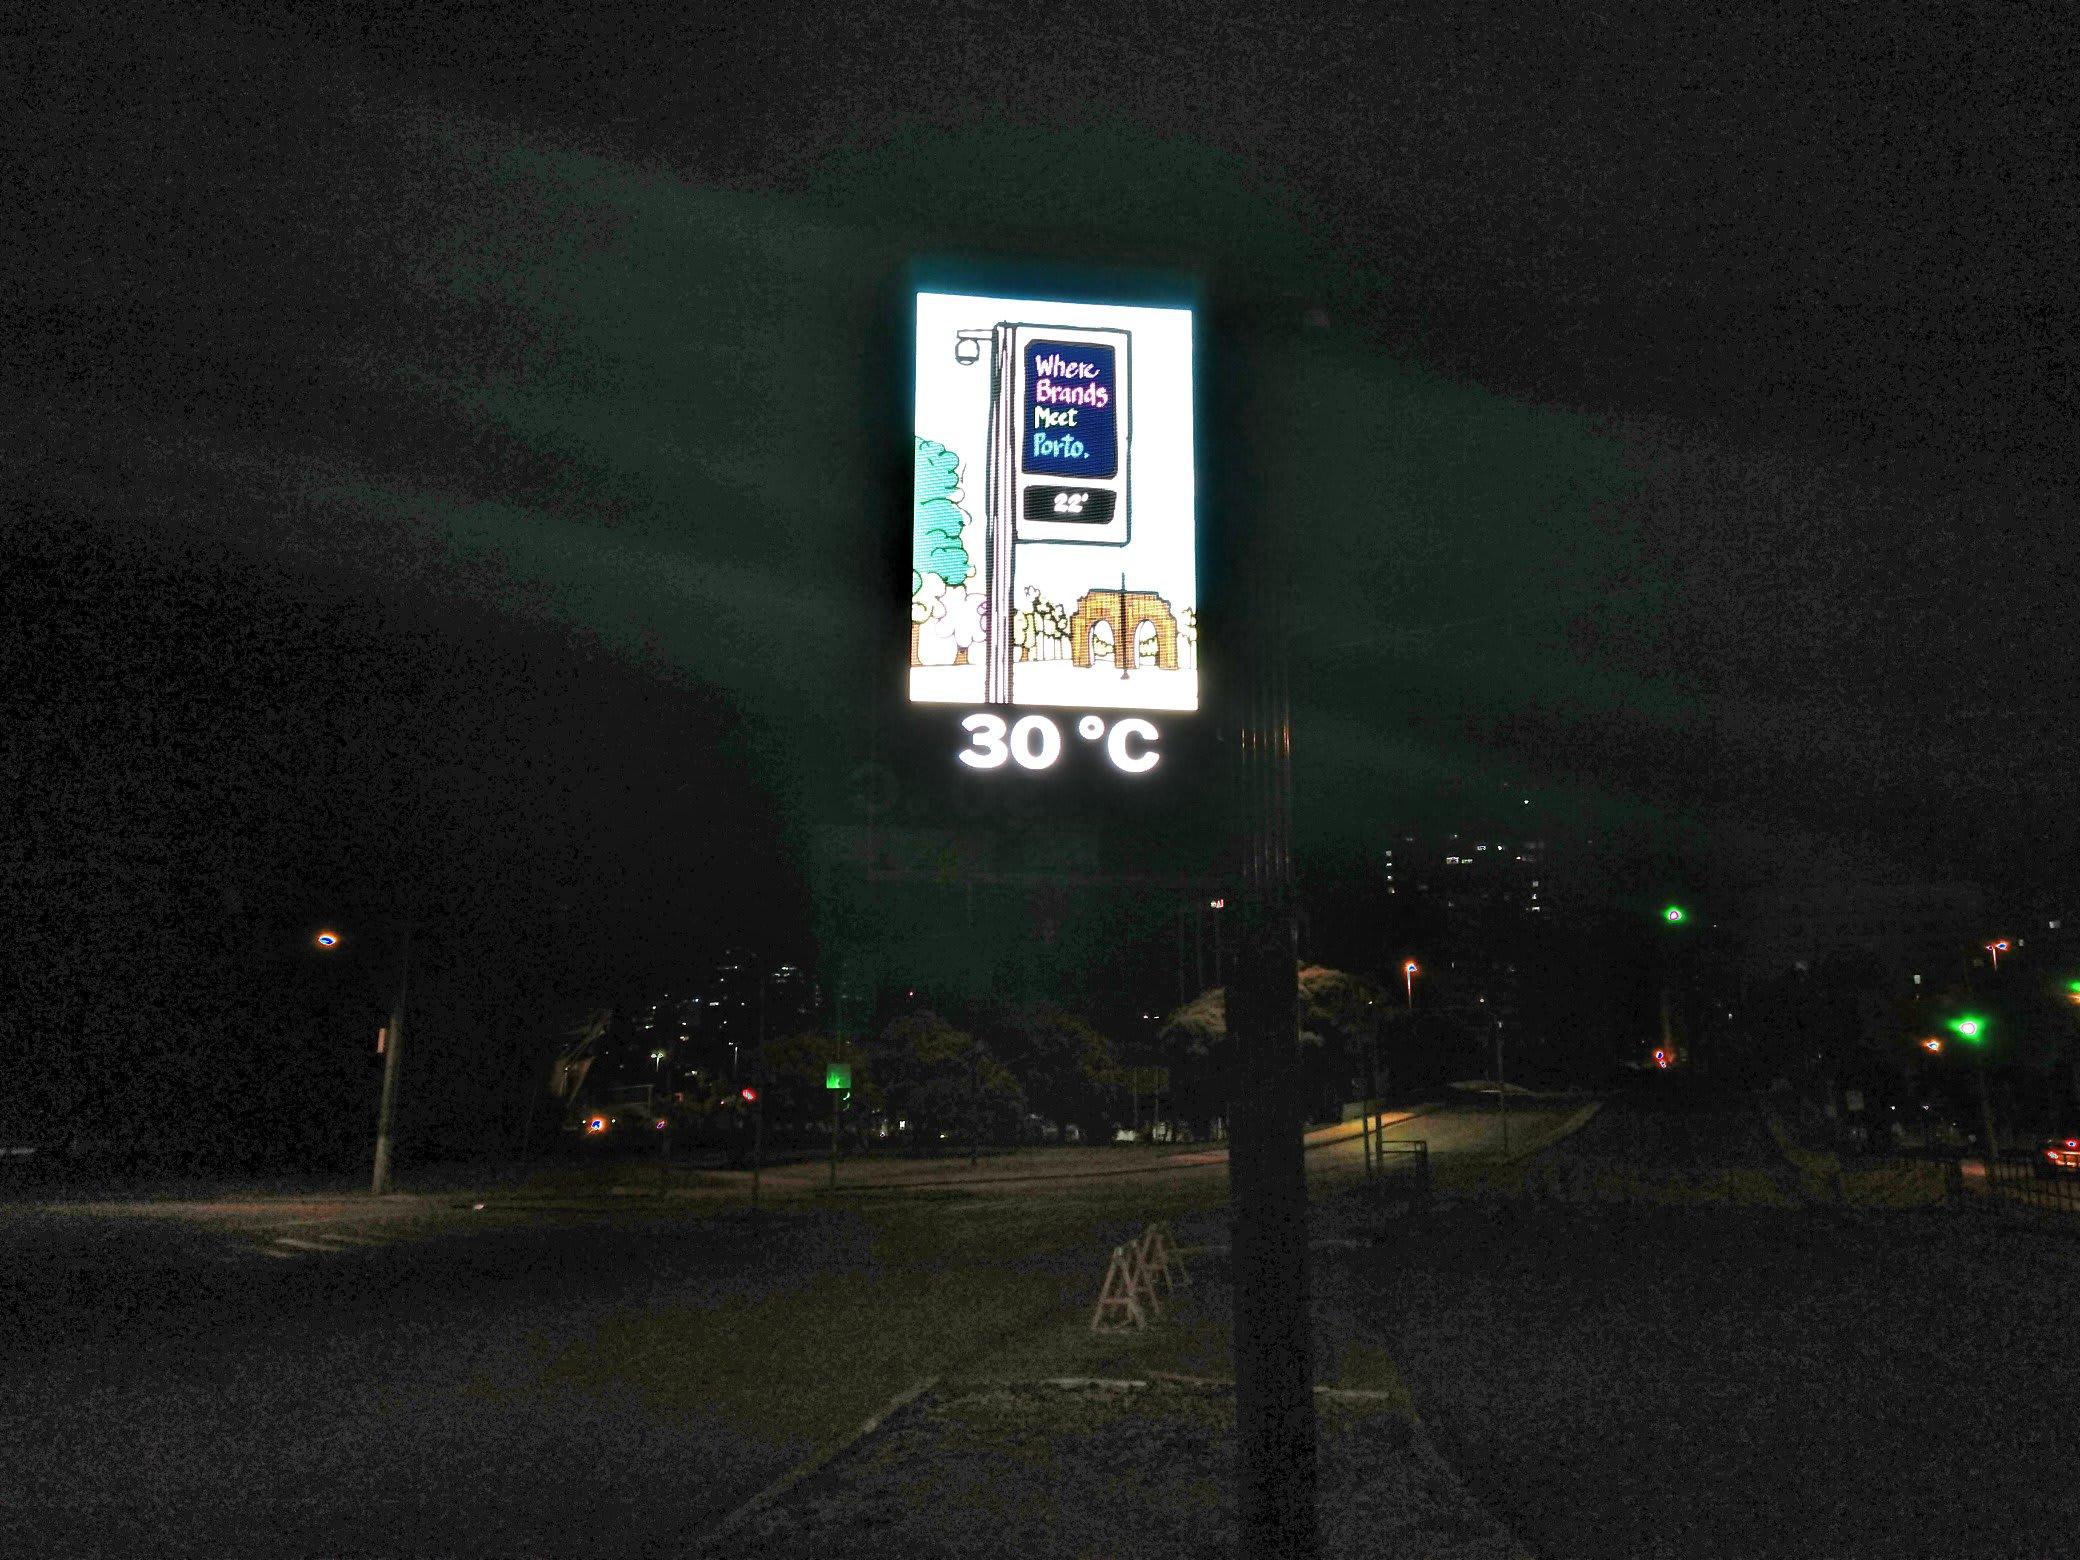 Termômetro de rua, durante a noite, apontando 30°C